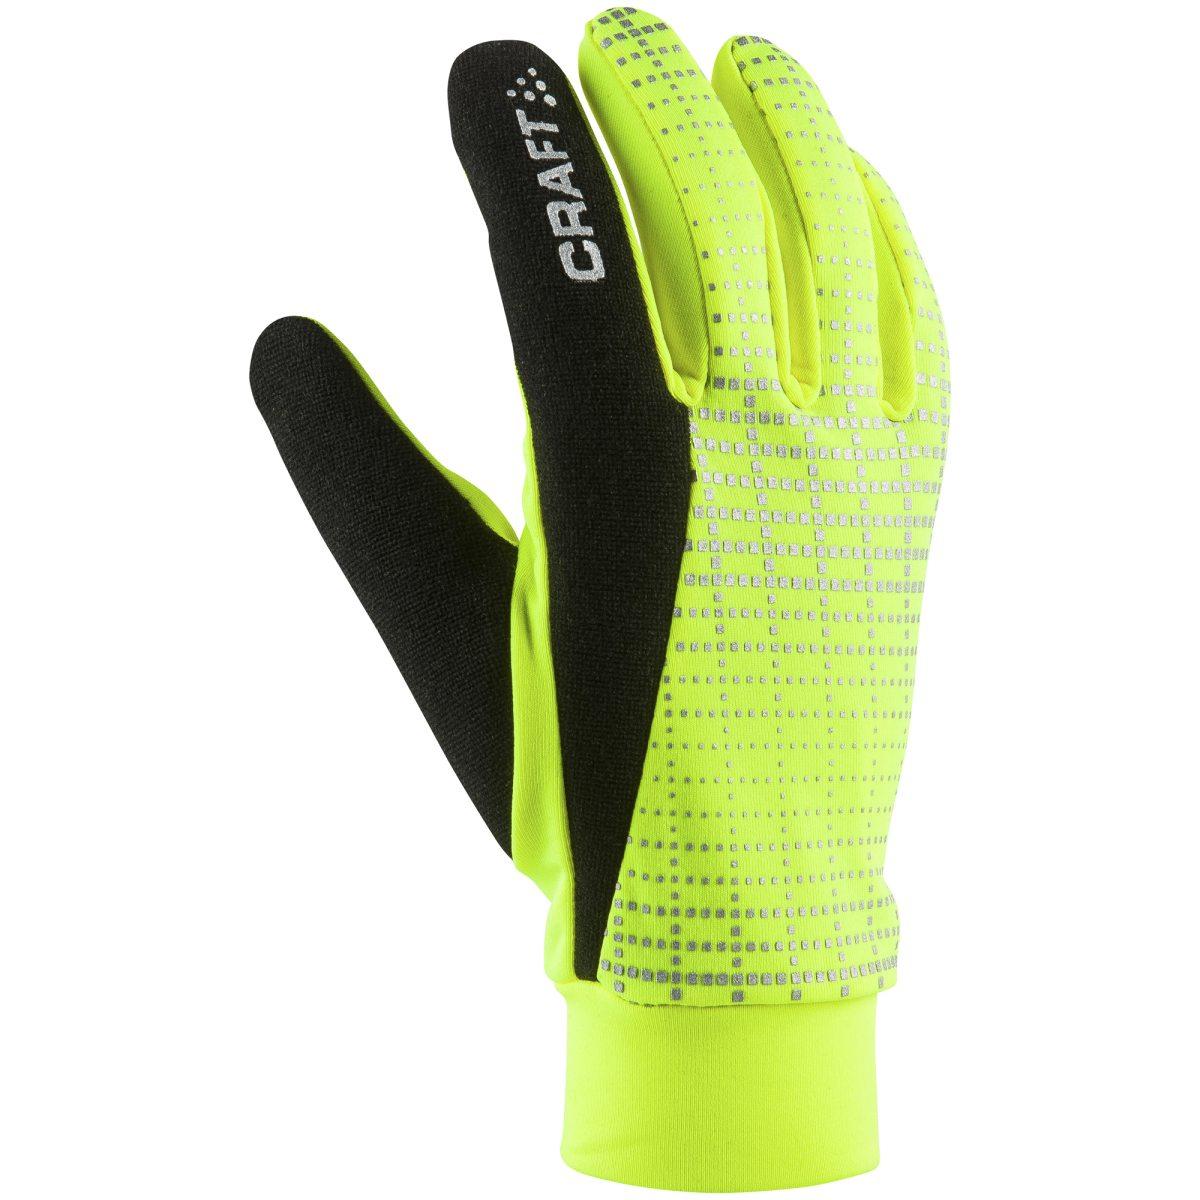 grønn craft brilliant 2.0 thermal glove løpehansker hansker og votter no 9a6570a35504